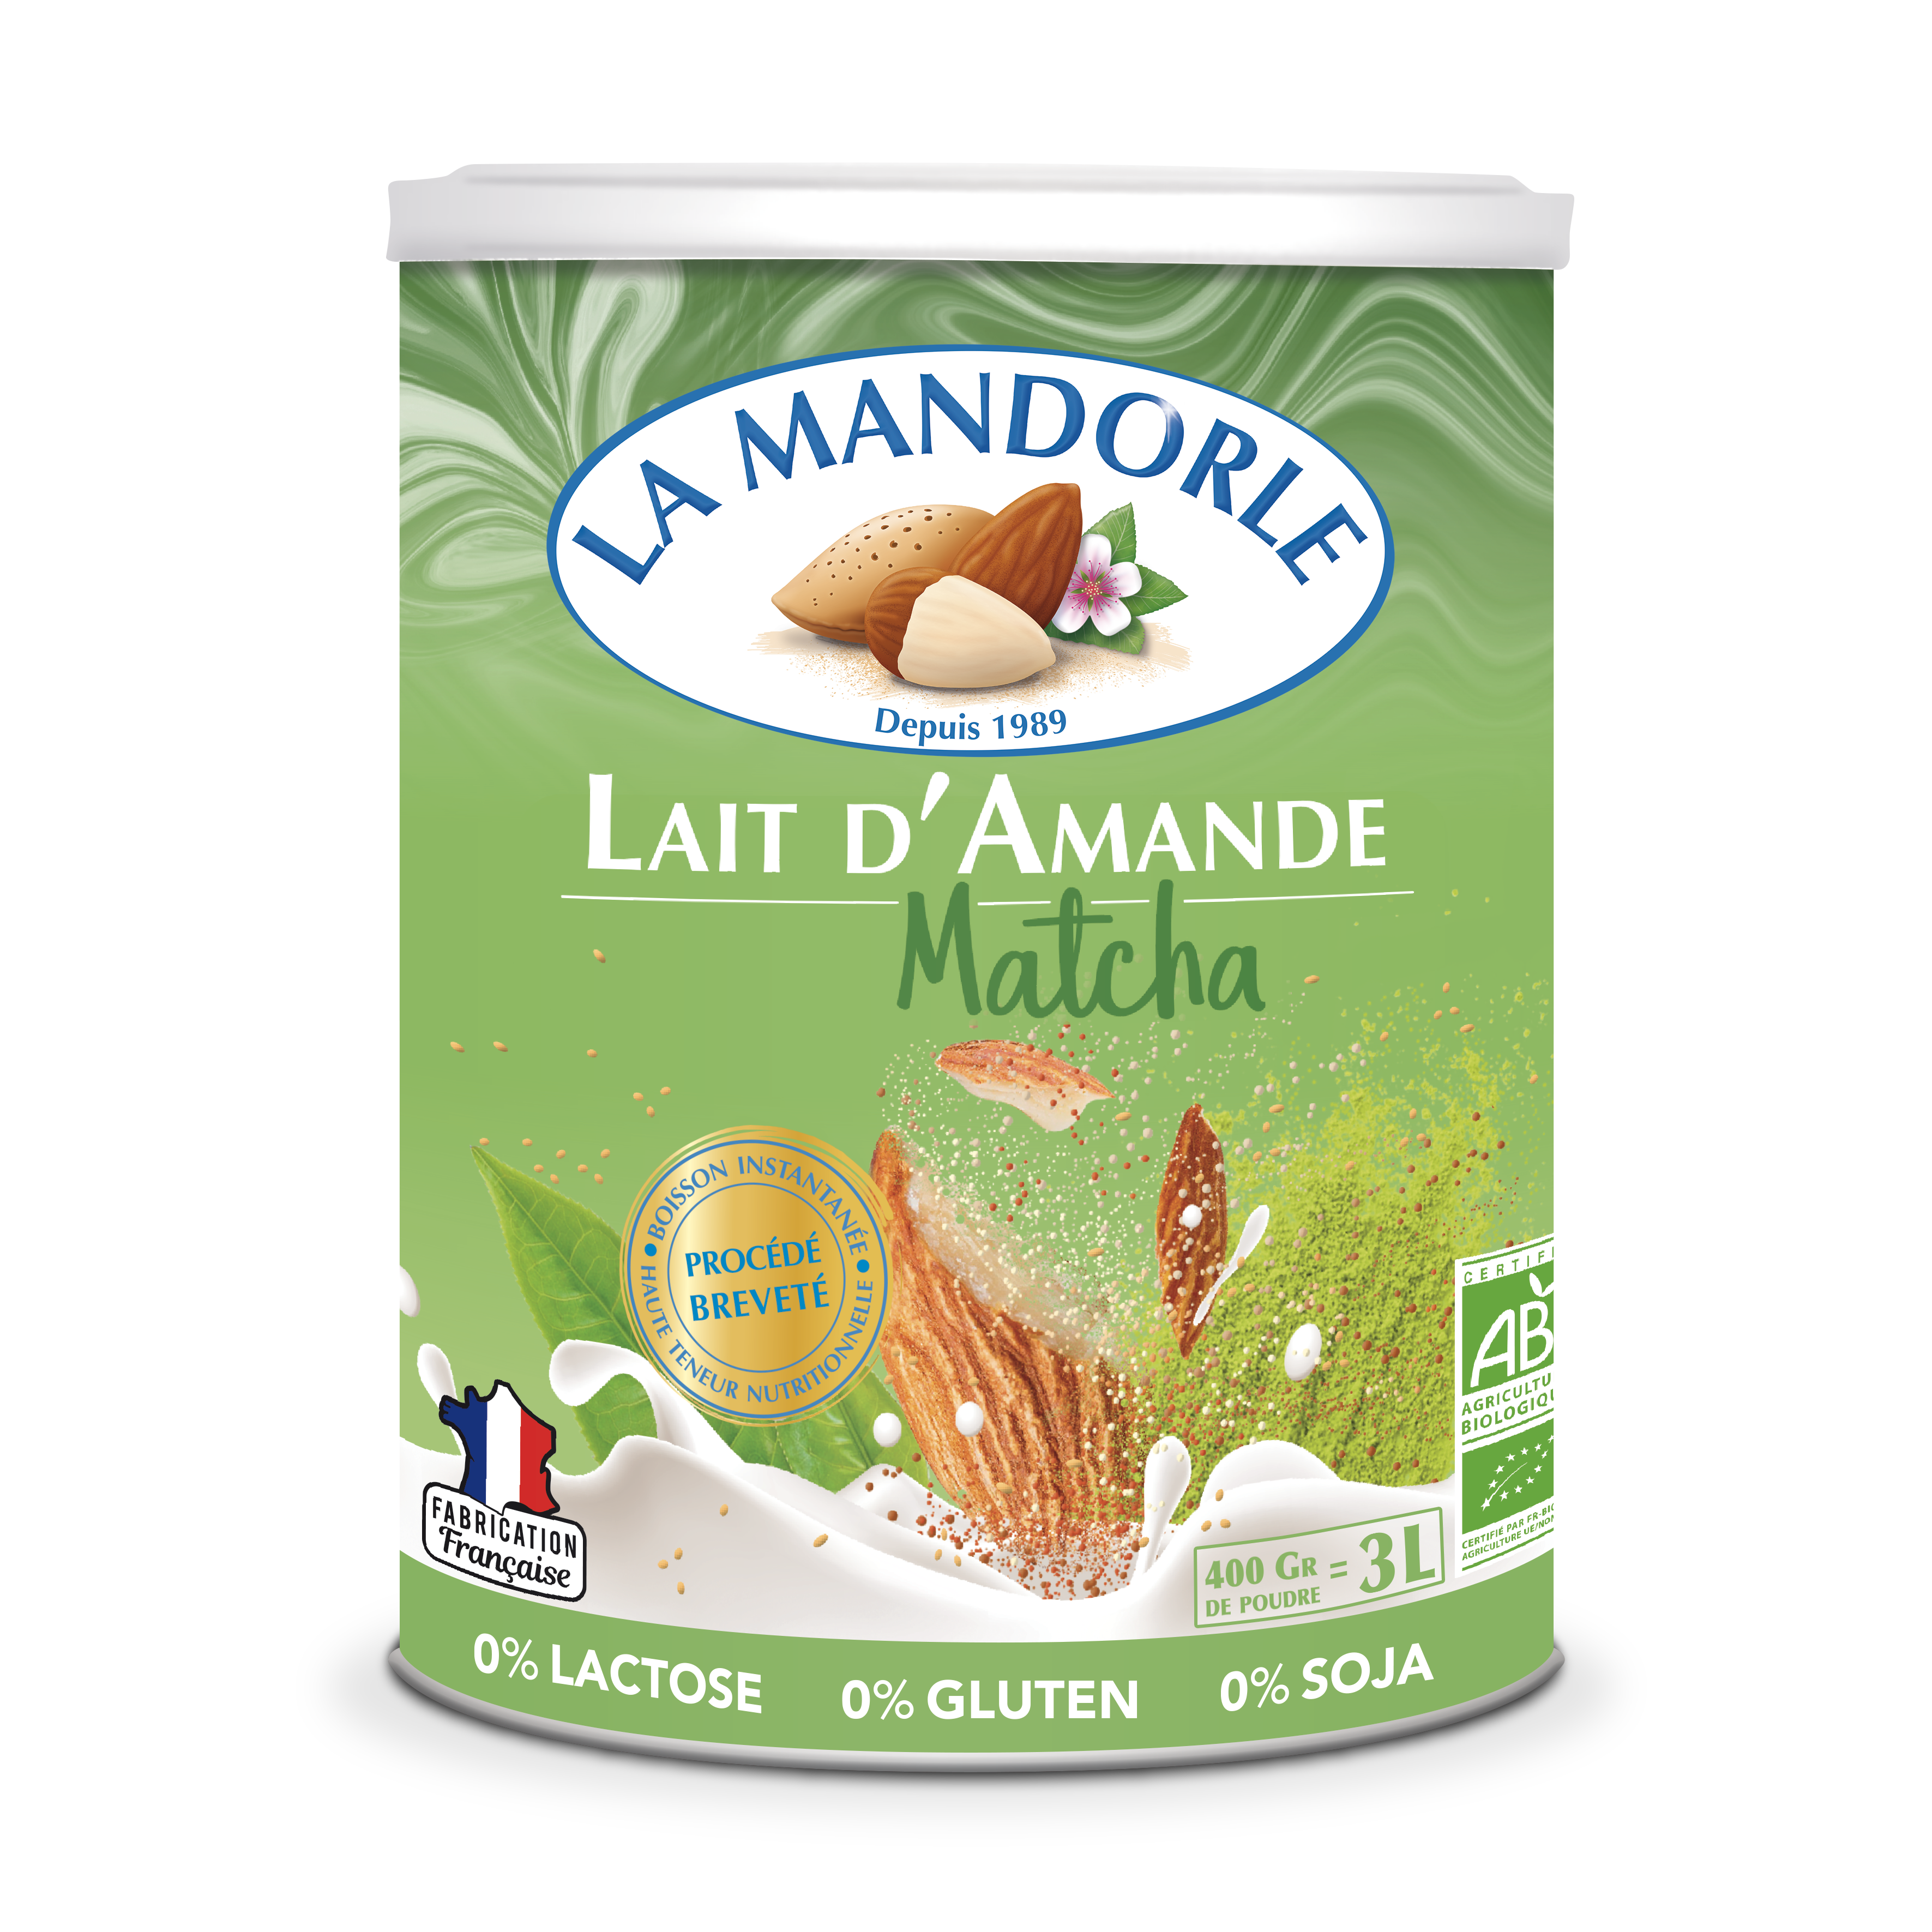 LM LAM 3D HD - La Mandorle, des plaisirs santé, nutritifs et savoureux à tous les repas